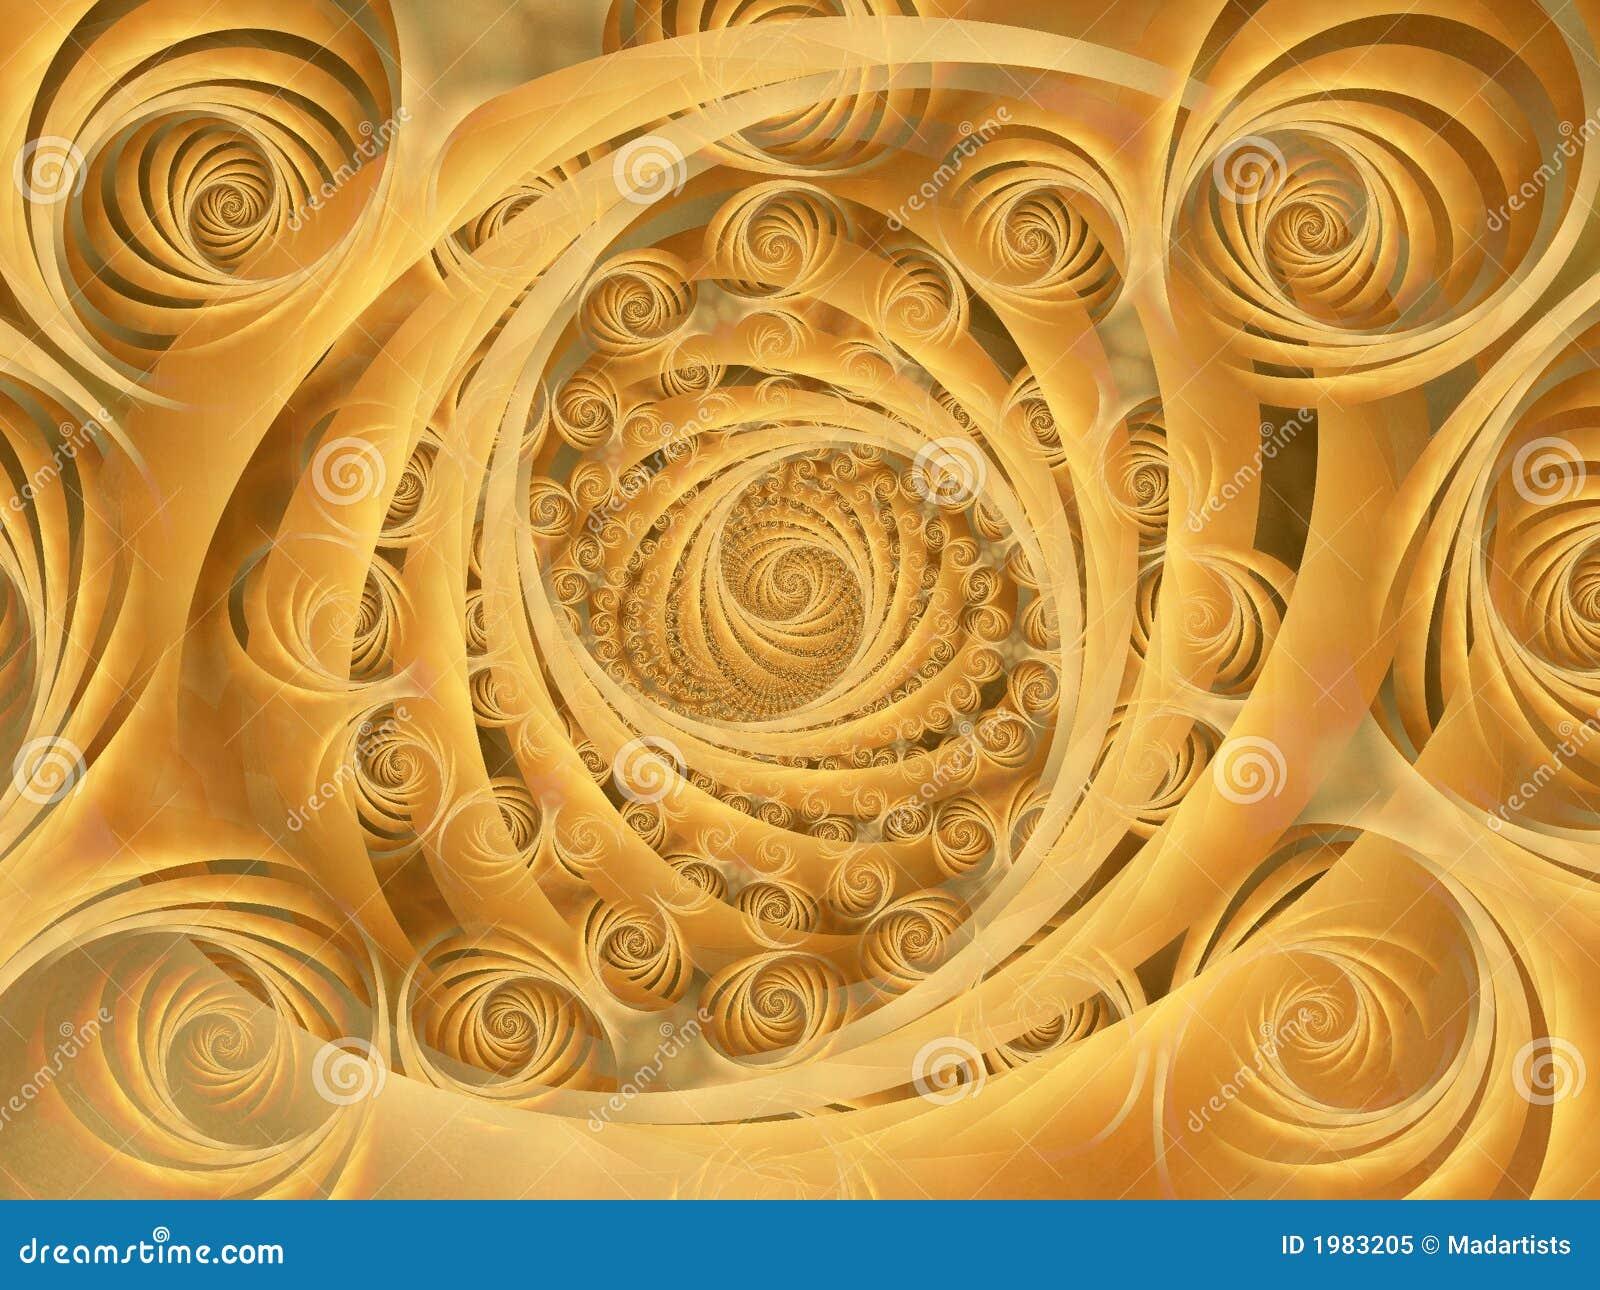 картина золота закручивает в спираль wispy